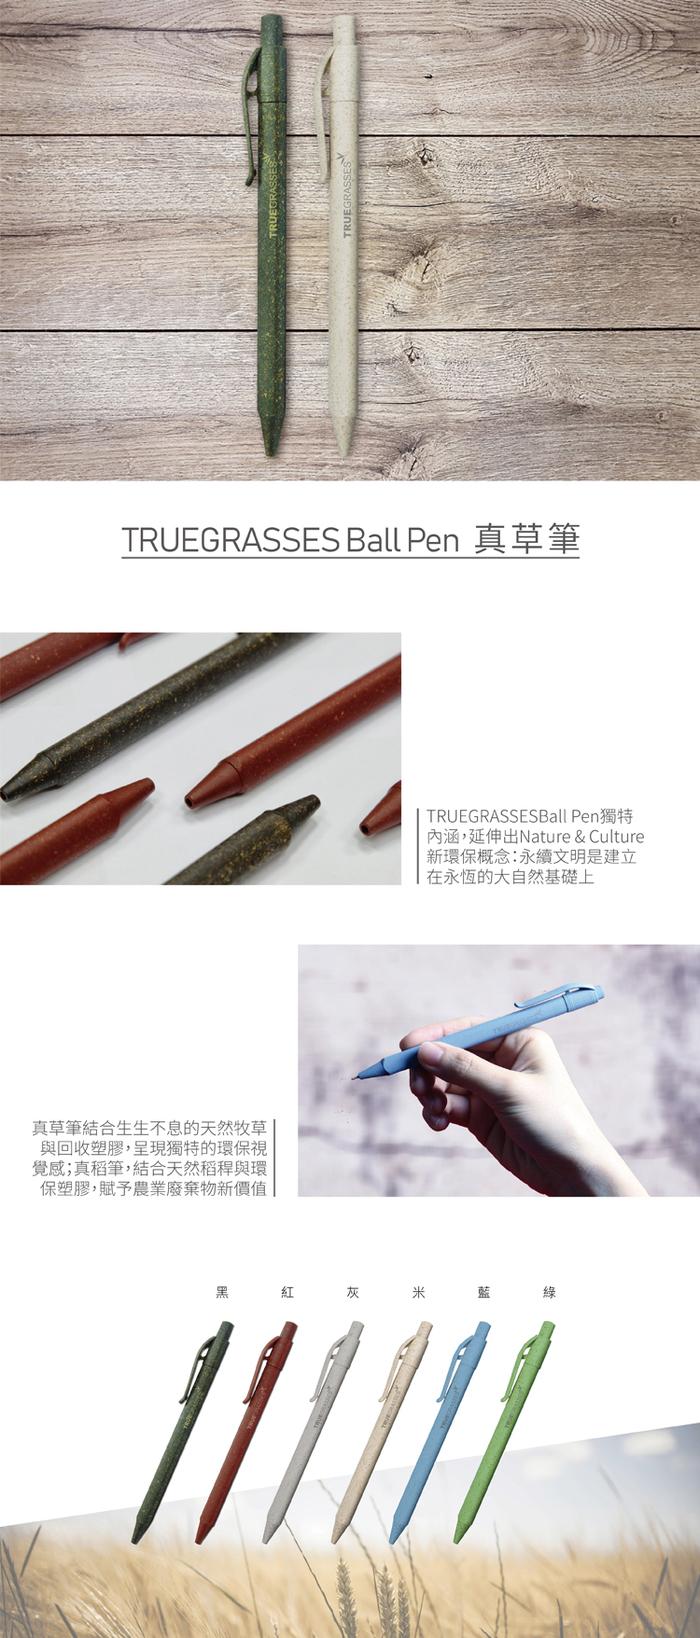 Truegrasses|牧草筆